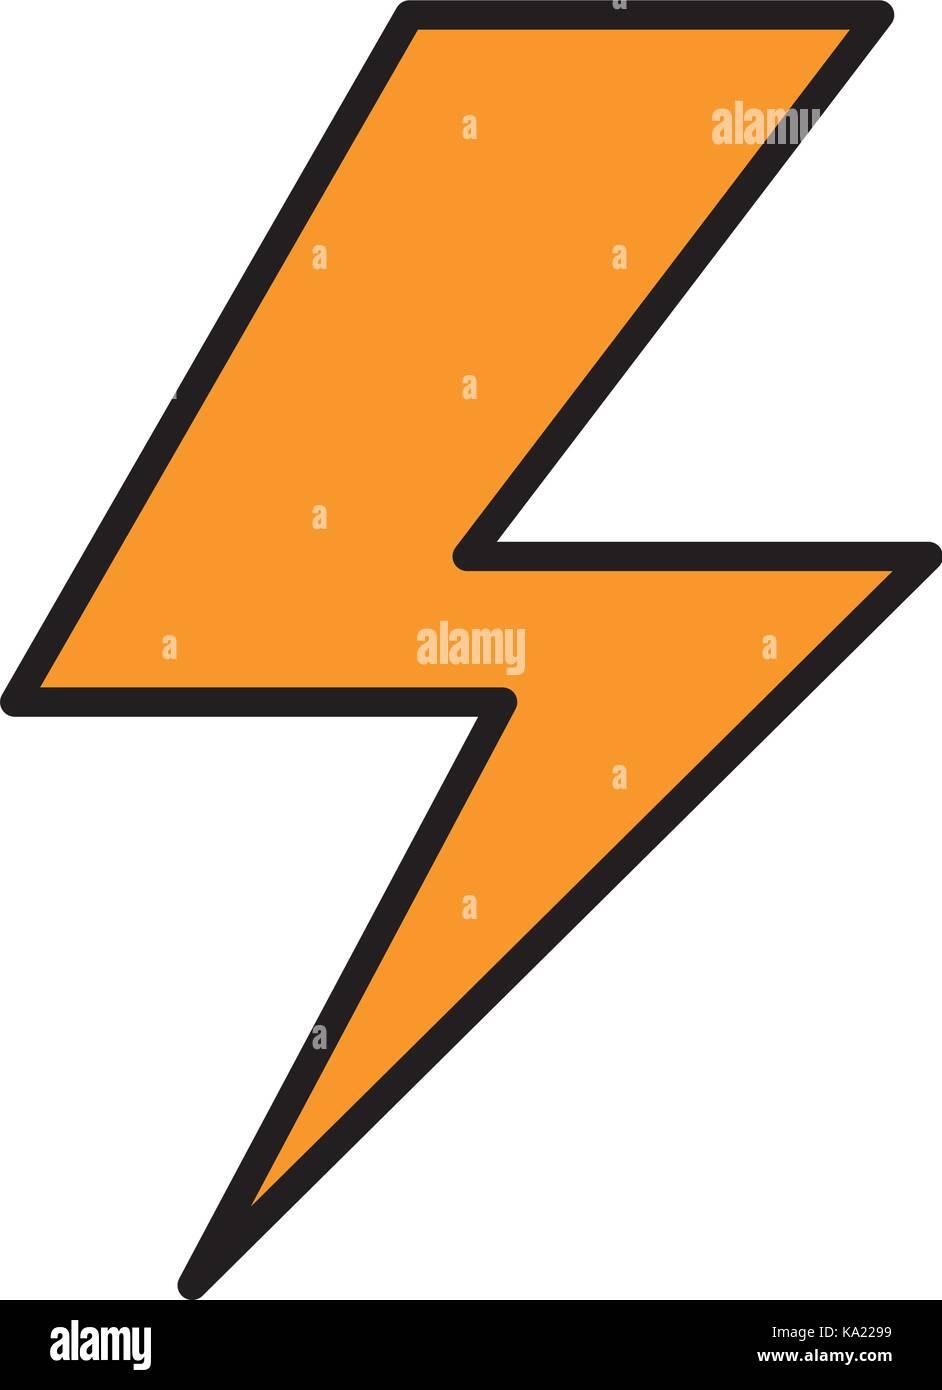 Ziemlich Symbol Elektrisch Galerie - Elektrische Schaltplan-Ideen ...